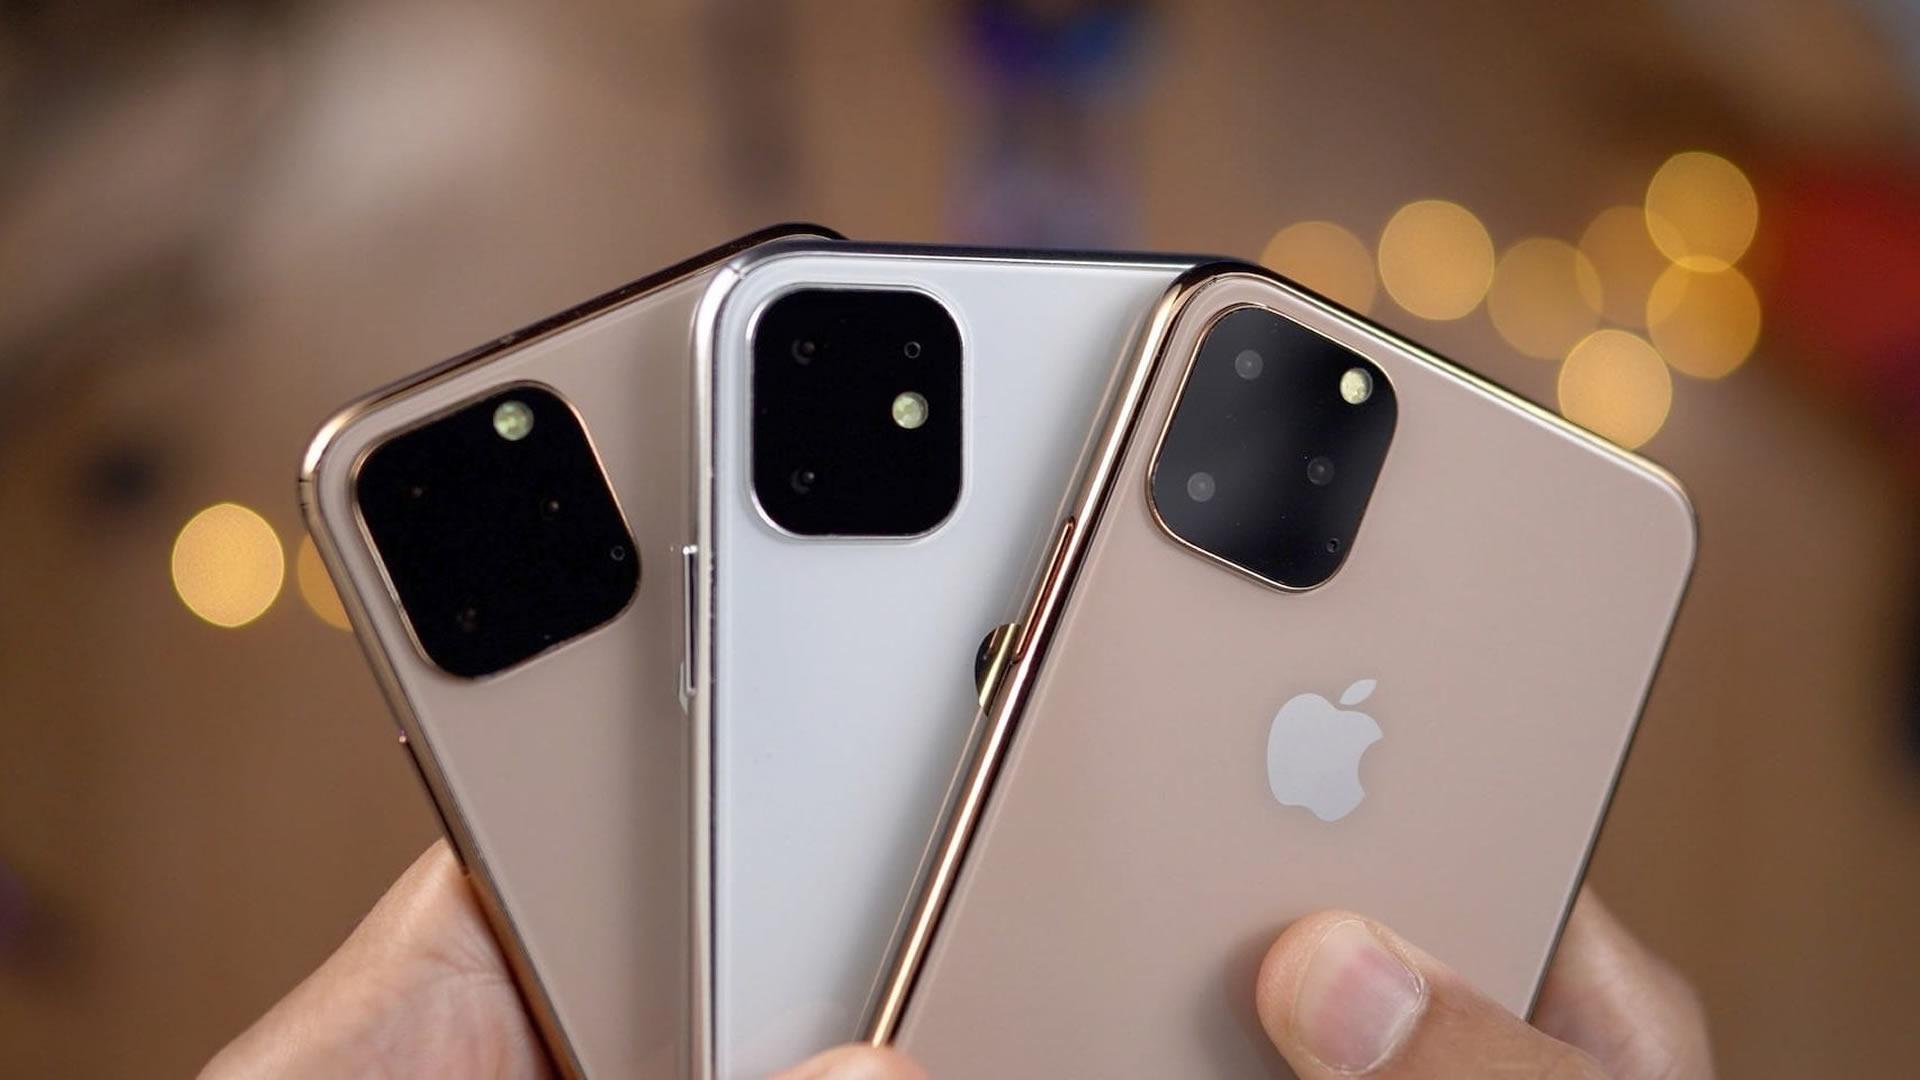 iPhone ricondizionato: cos'è e dove trovarlo a prezzi convenienti